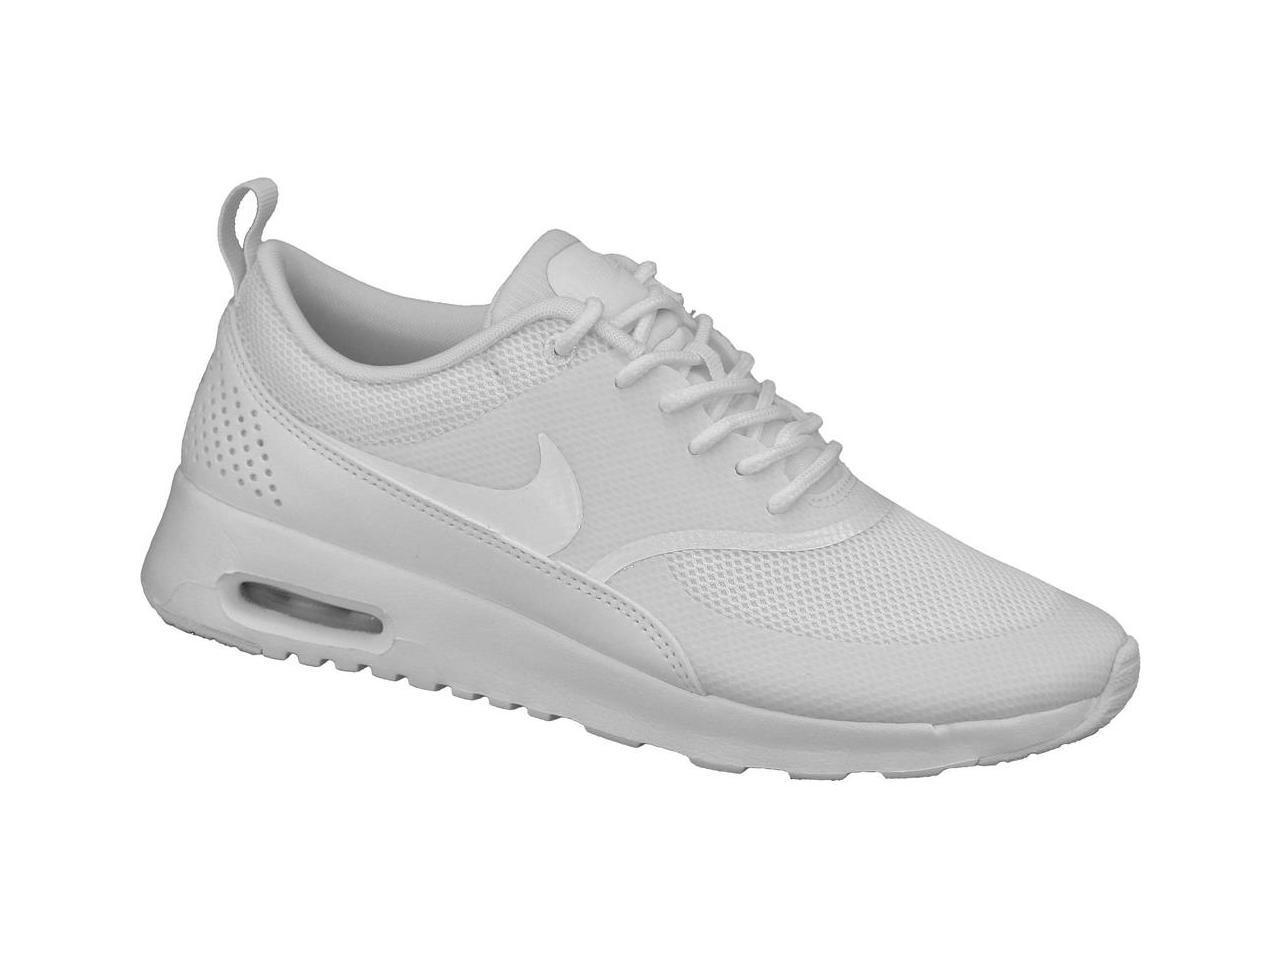 Nike Air Max Womens Thea Wmns  599409-101 Womens Max b4f4d4